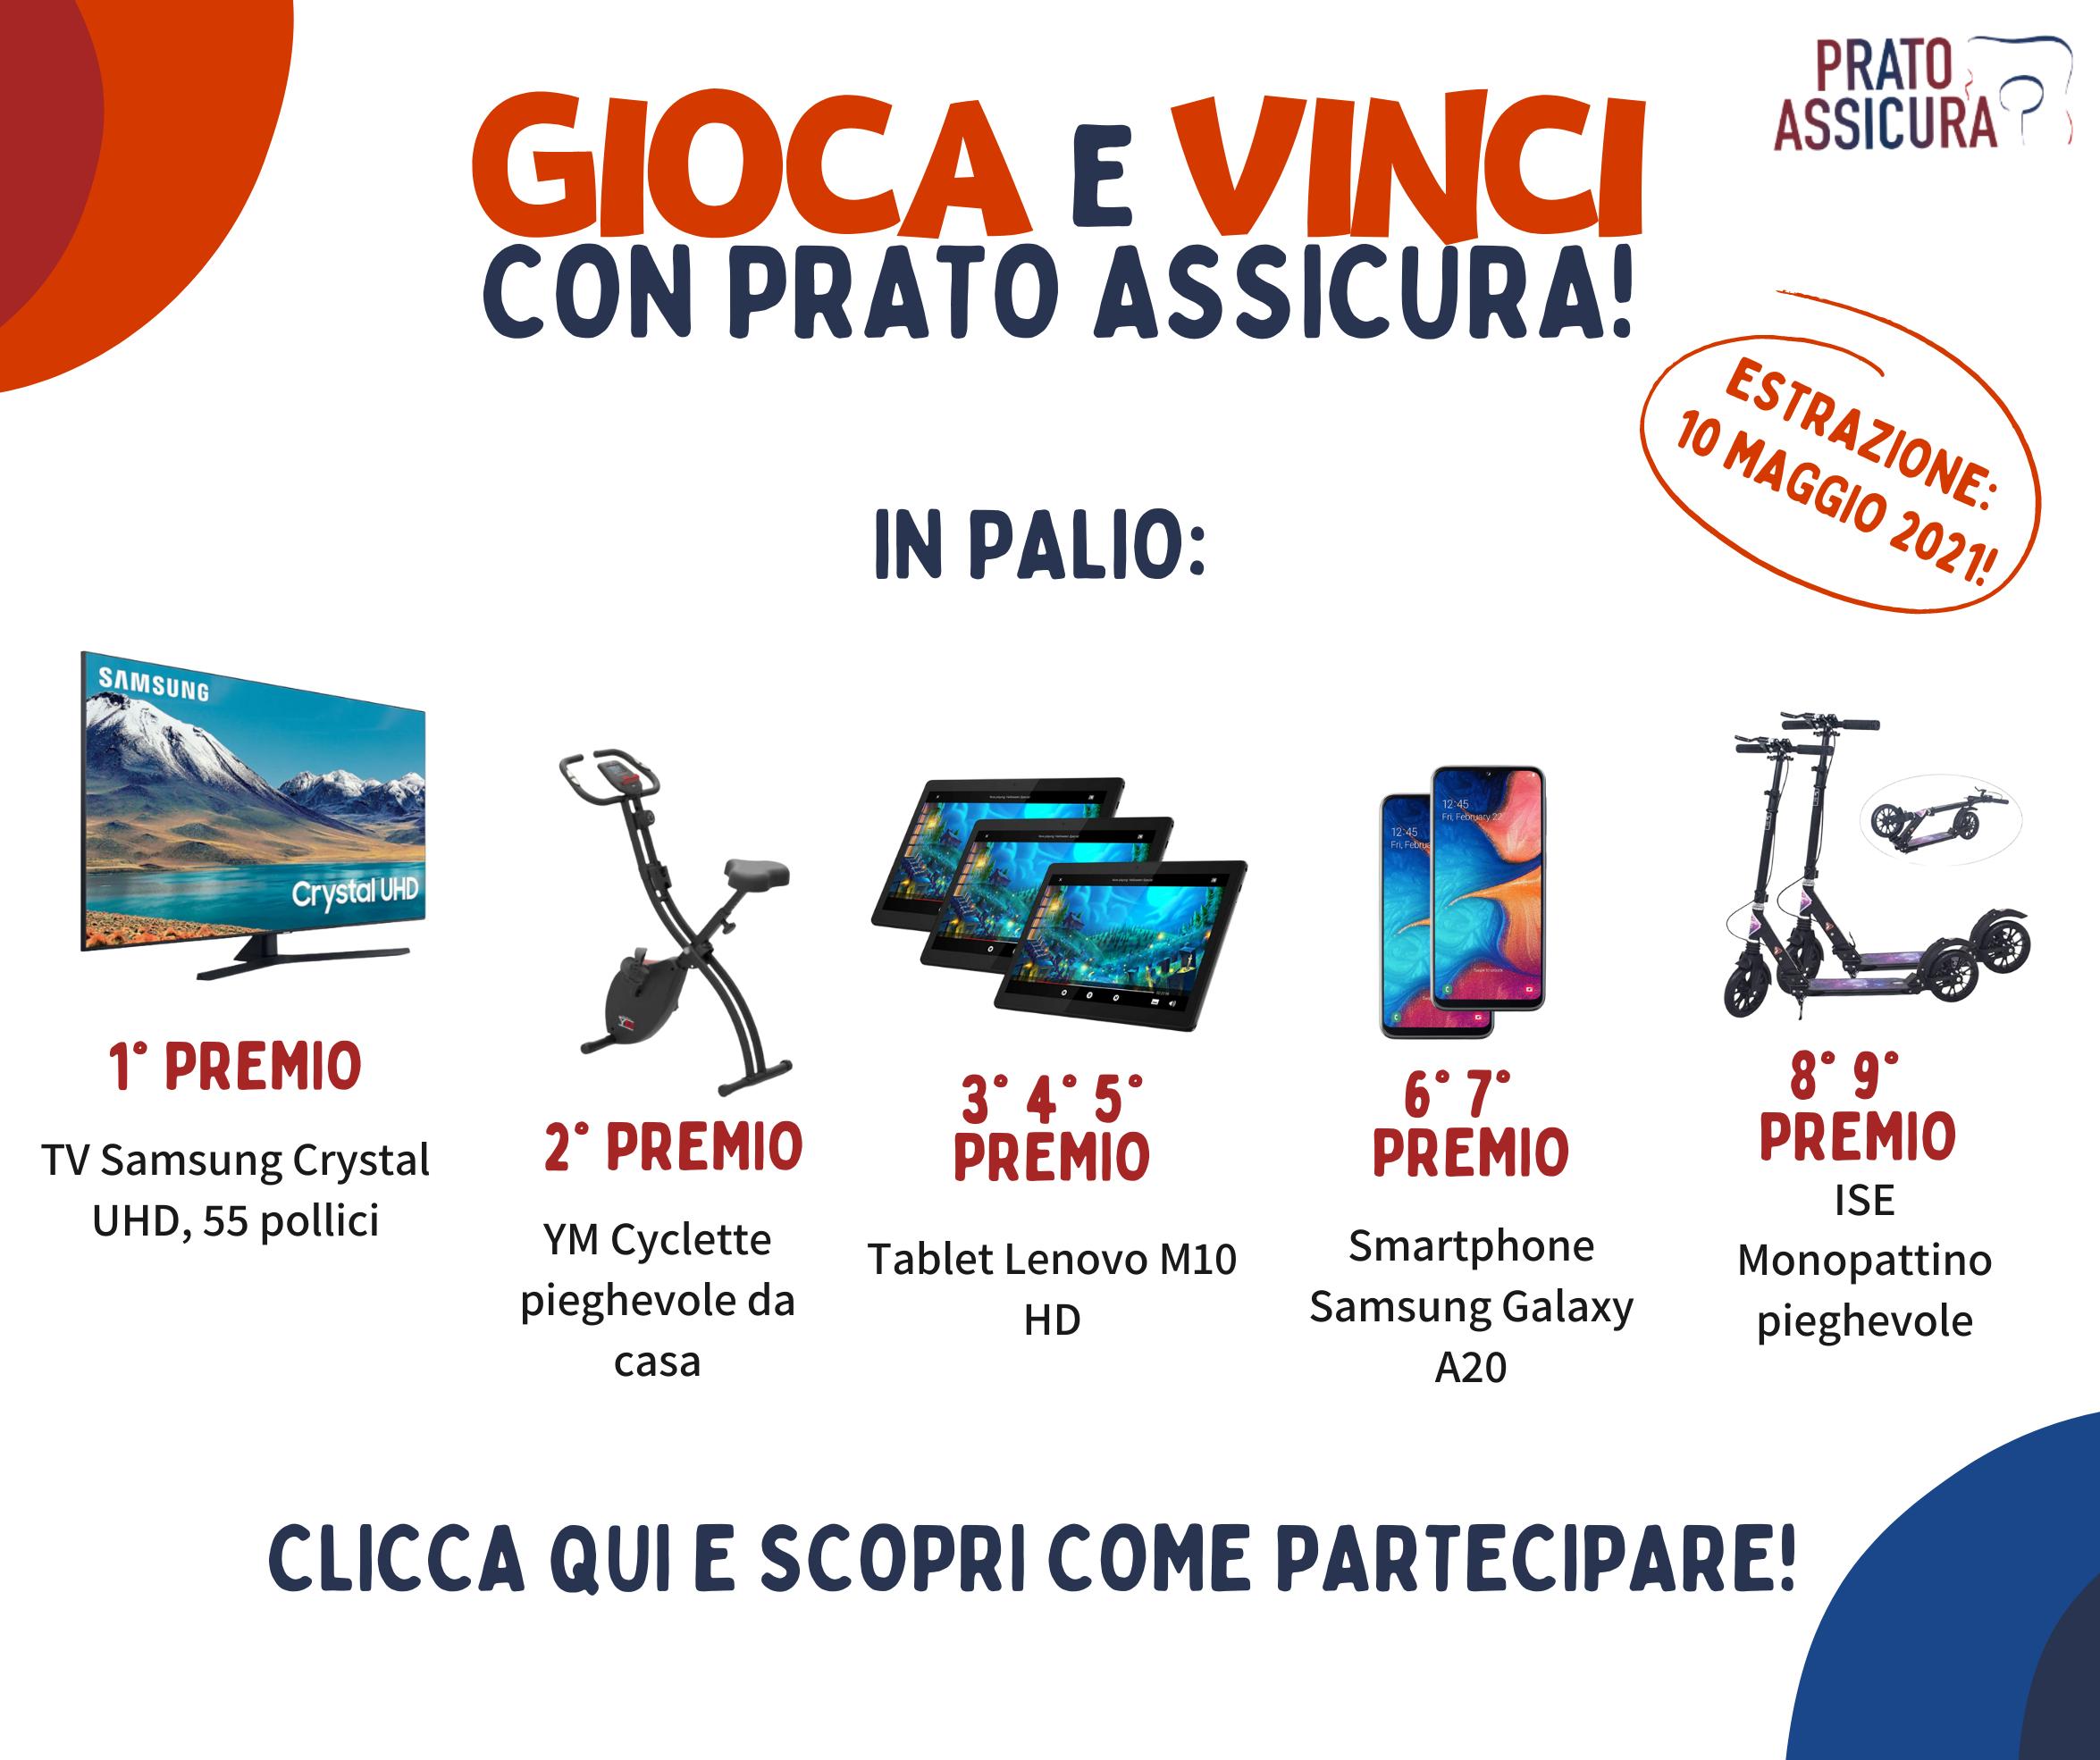 Gioca e Vinci con Prato Assicura: partecipa alla nostra lotteria gratuita